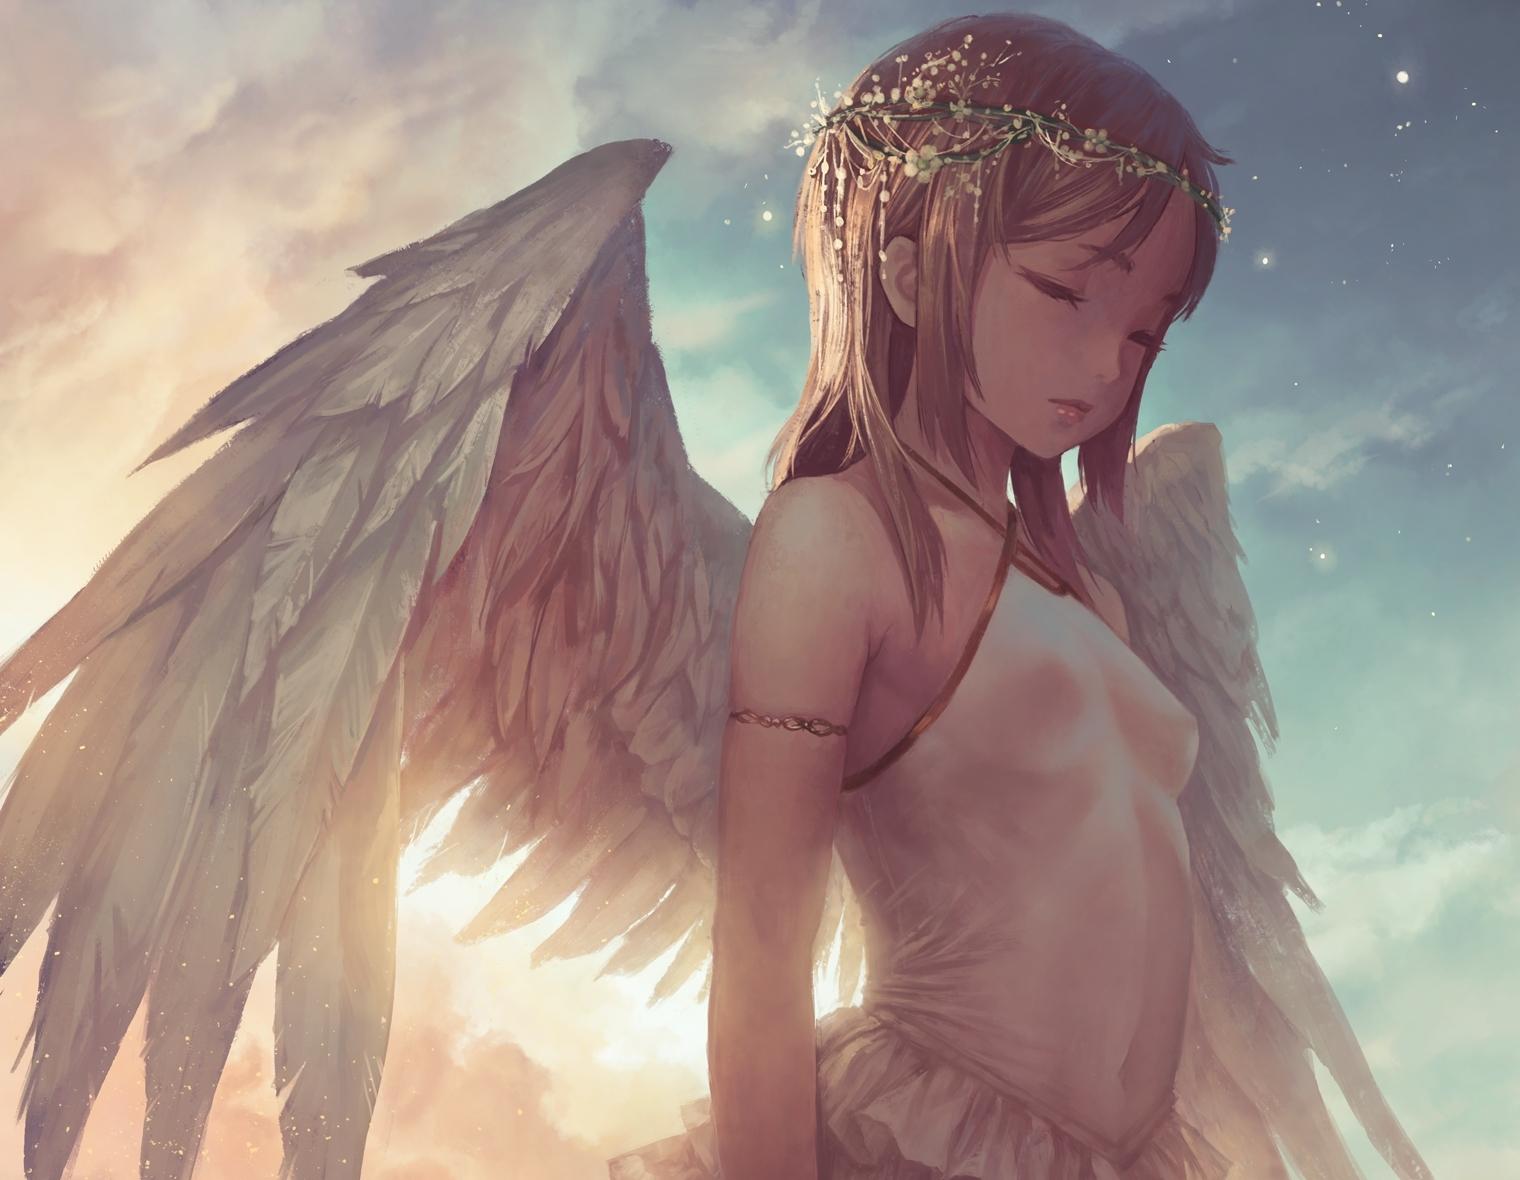 3d Space Phone Wallpaper Download 1520x1180 Angel Girl Wings Closed Eyes Blonde